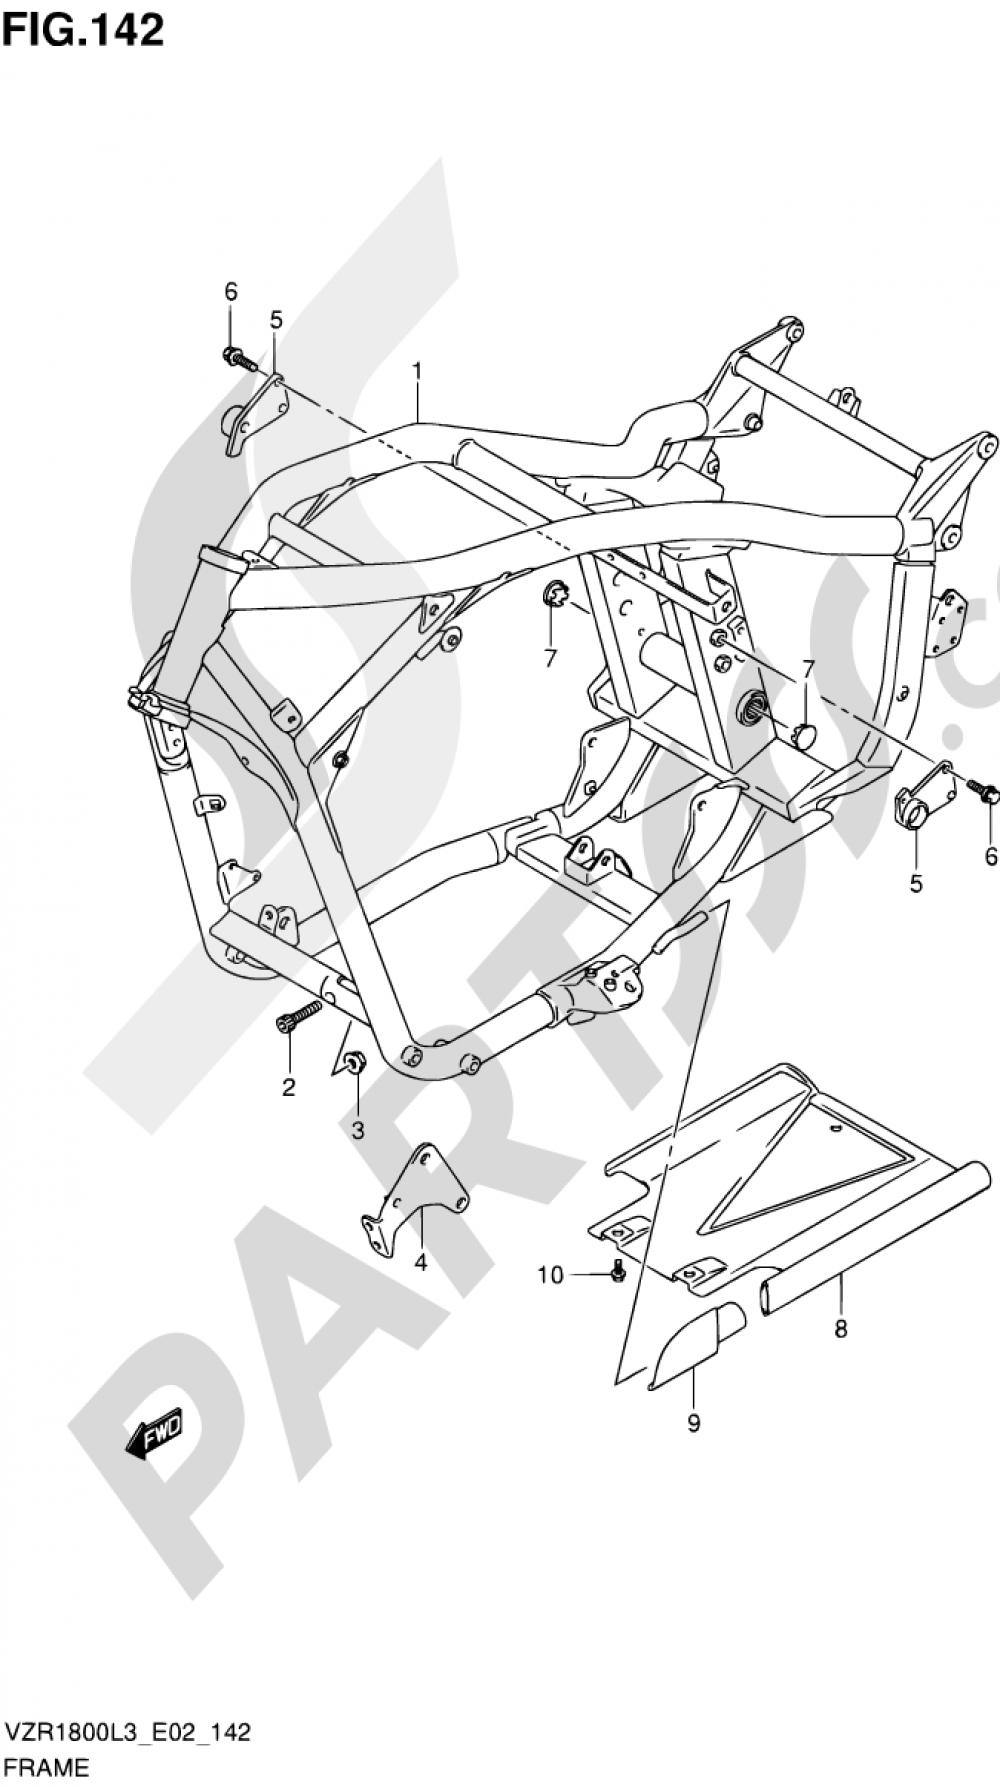 142 - FRAME Suzuki VZR1800Z 2013